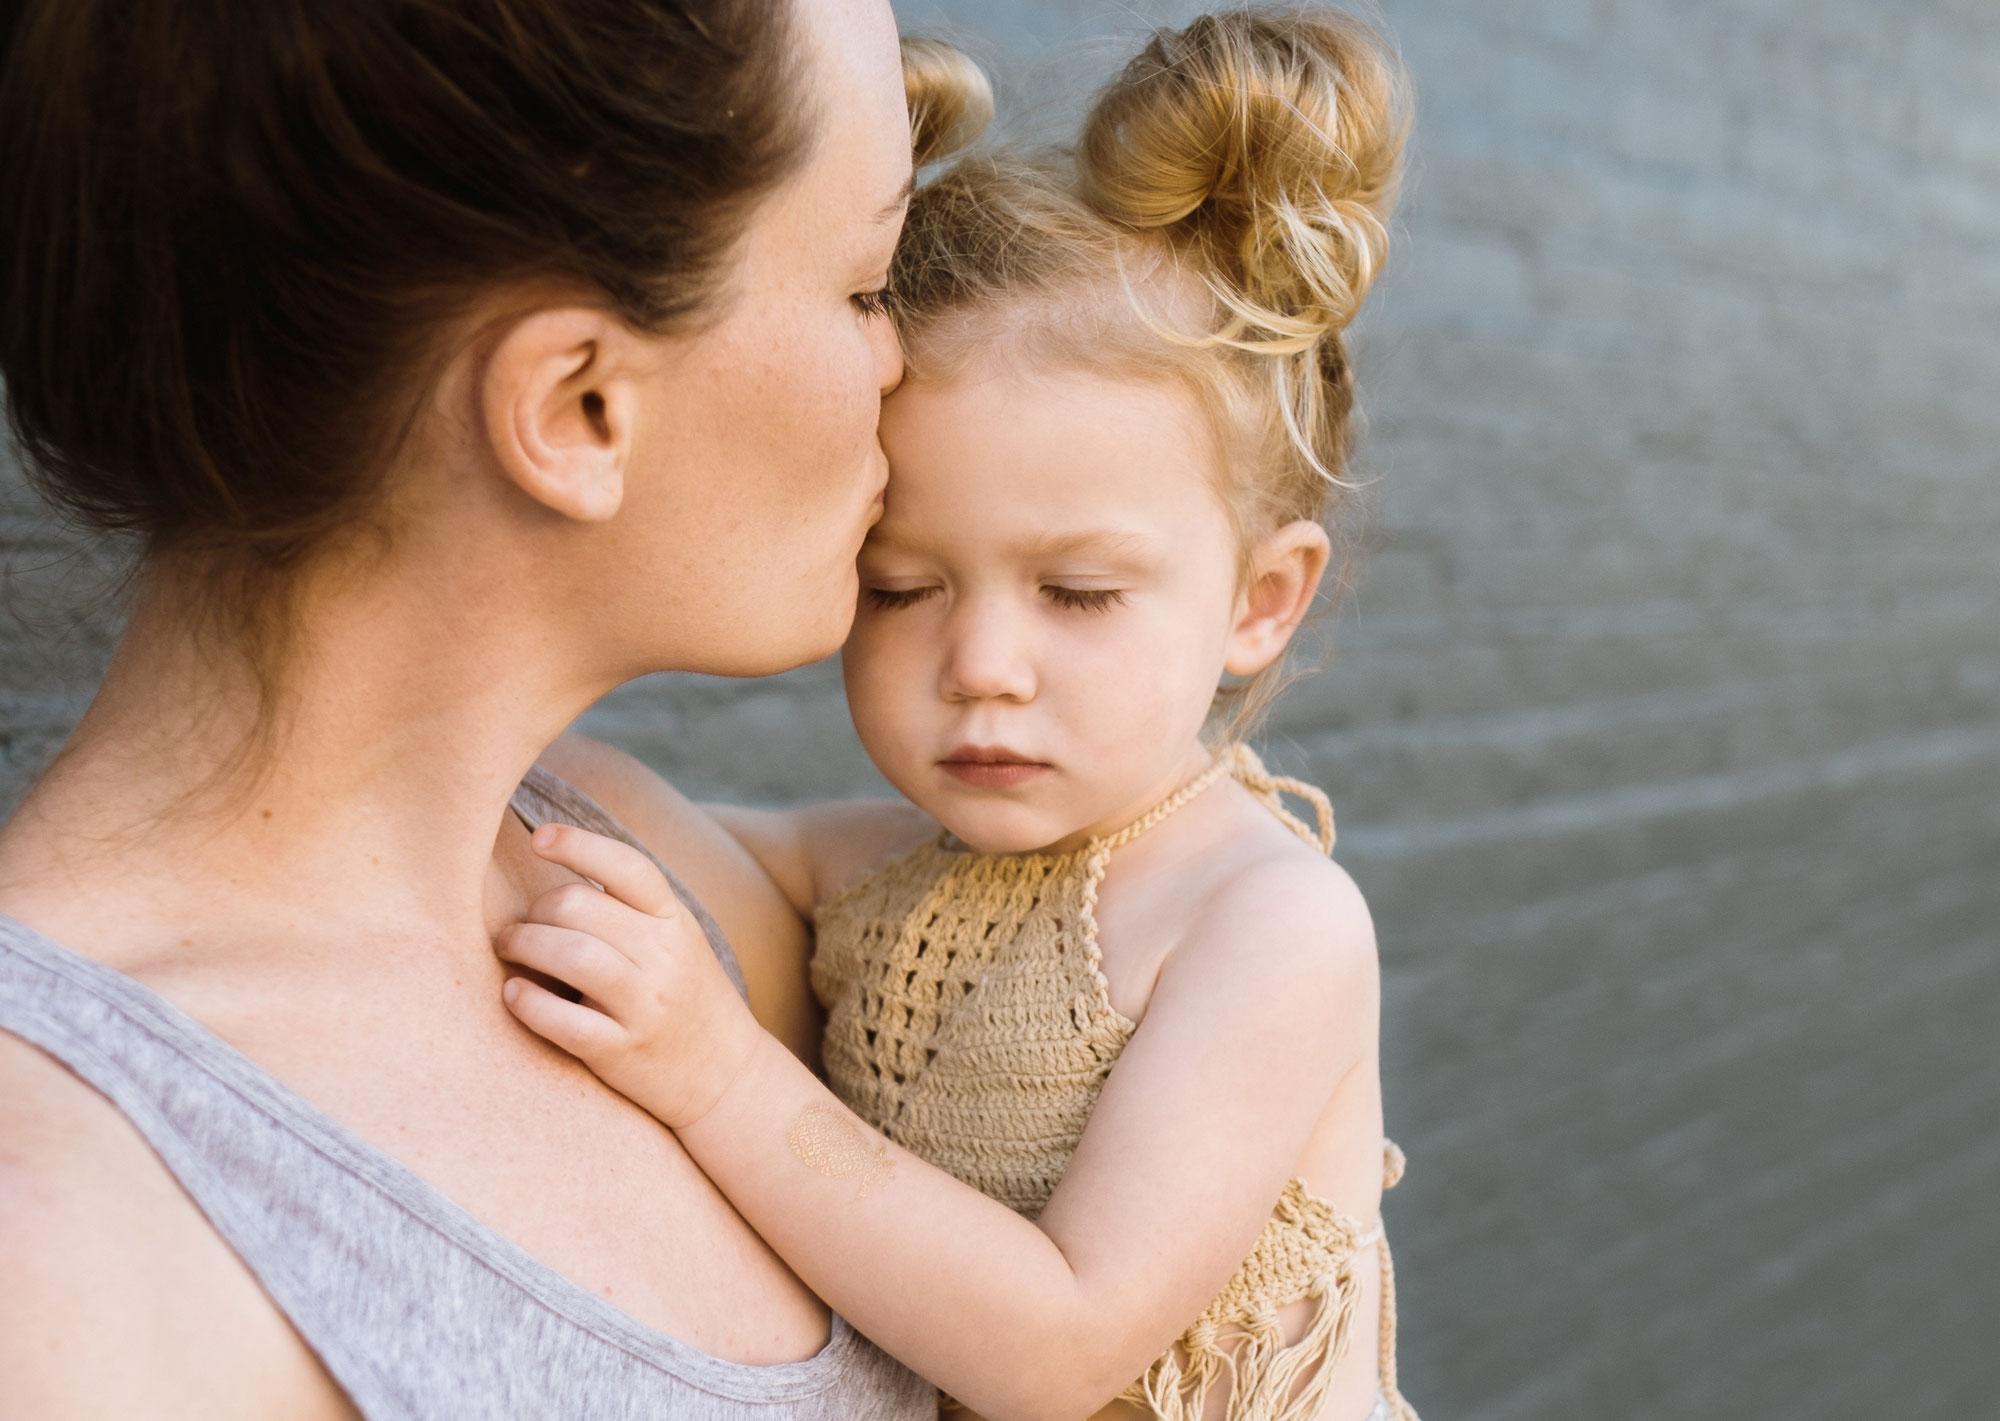 Familienaufstellungen in der (Sucht-)Rehabilitation erfolgreich anwenden